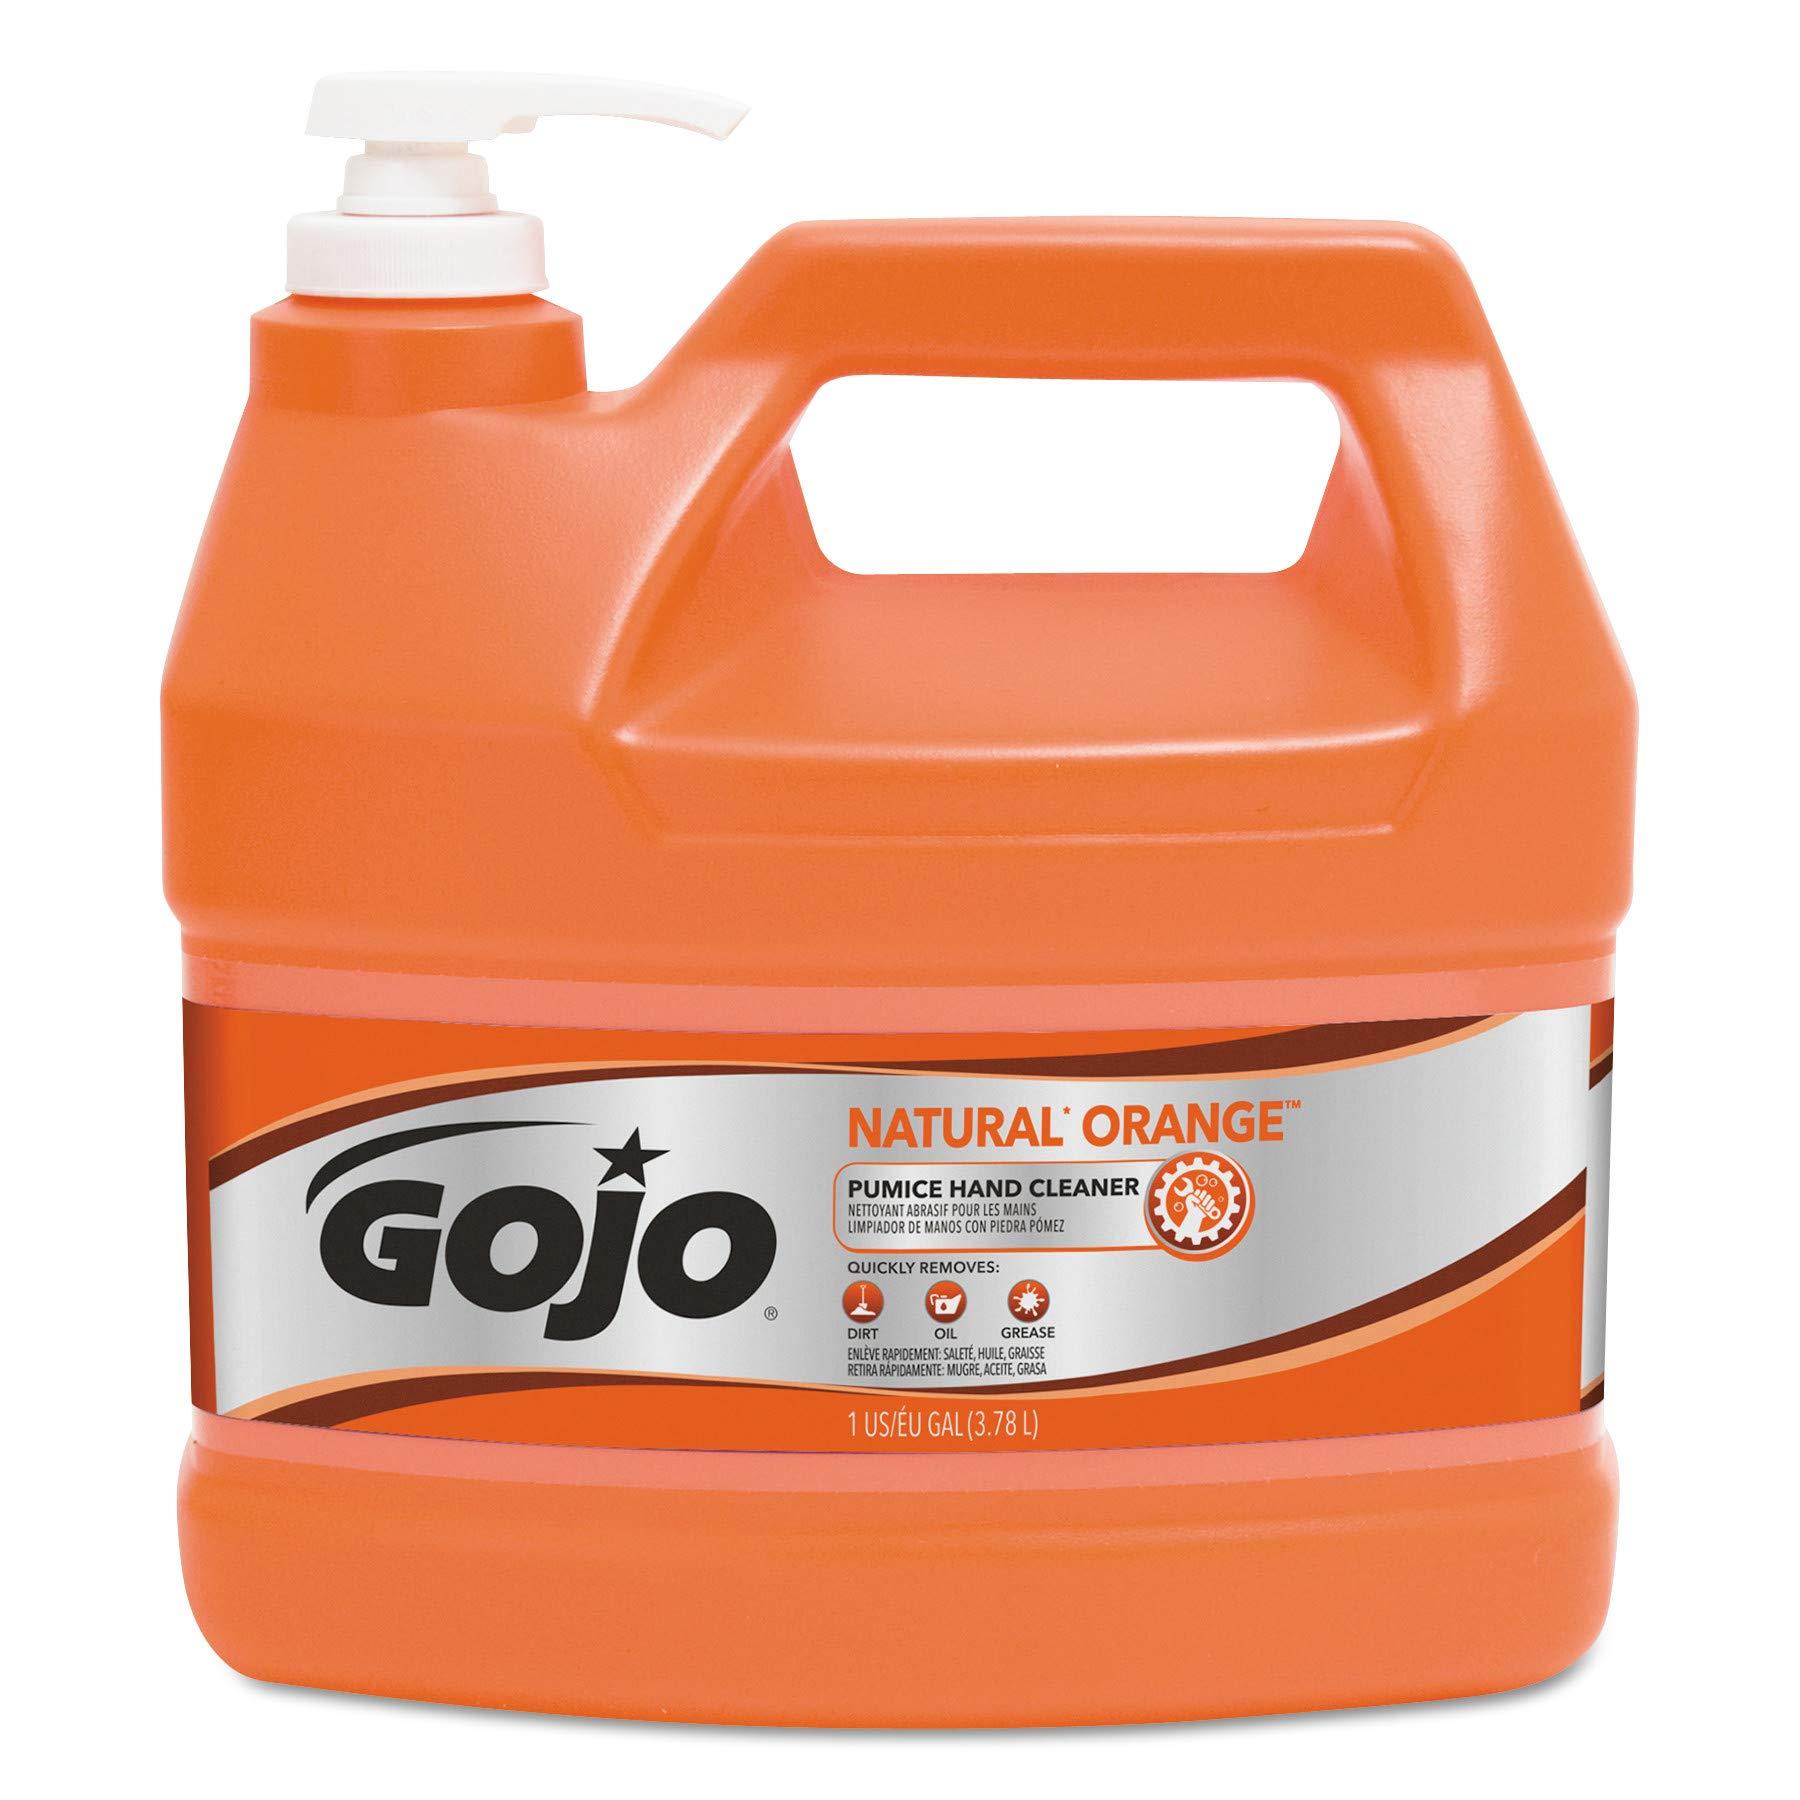 GOJO 095504CT NATUAL ORANGE Pumice Hand Cleaner, Orange Citrus, 1gal Pump (Case of 4)